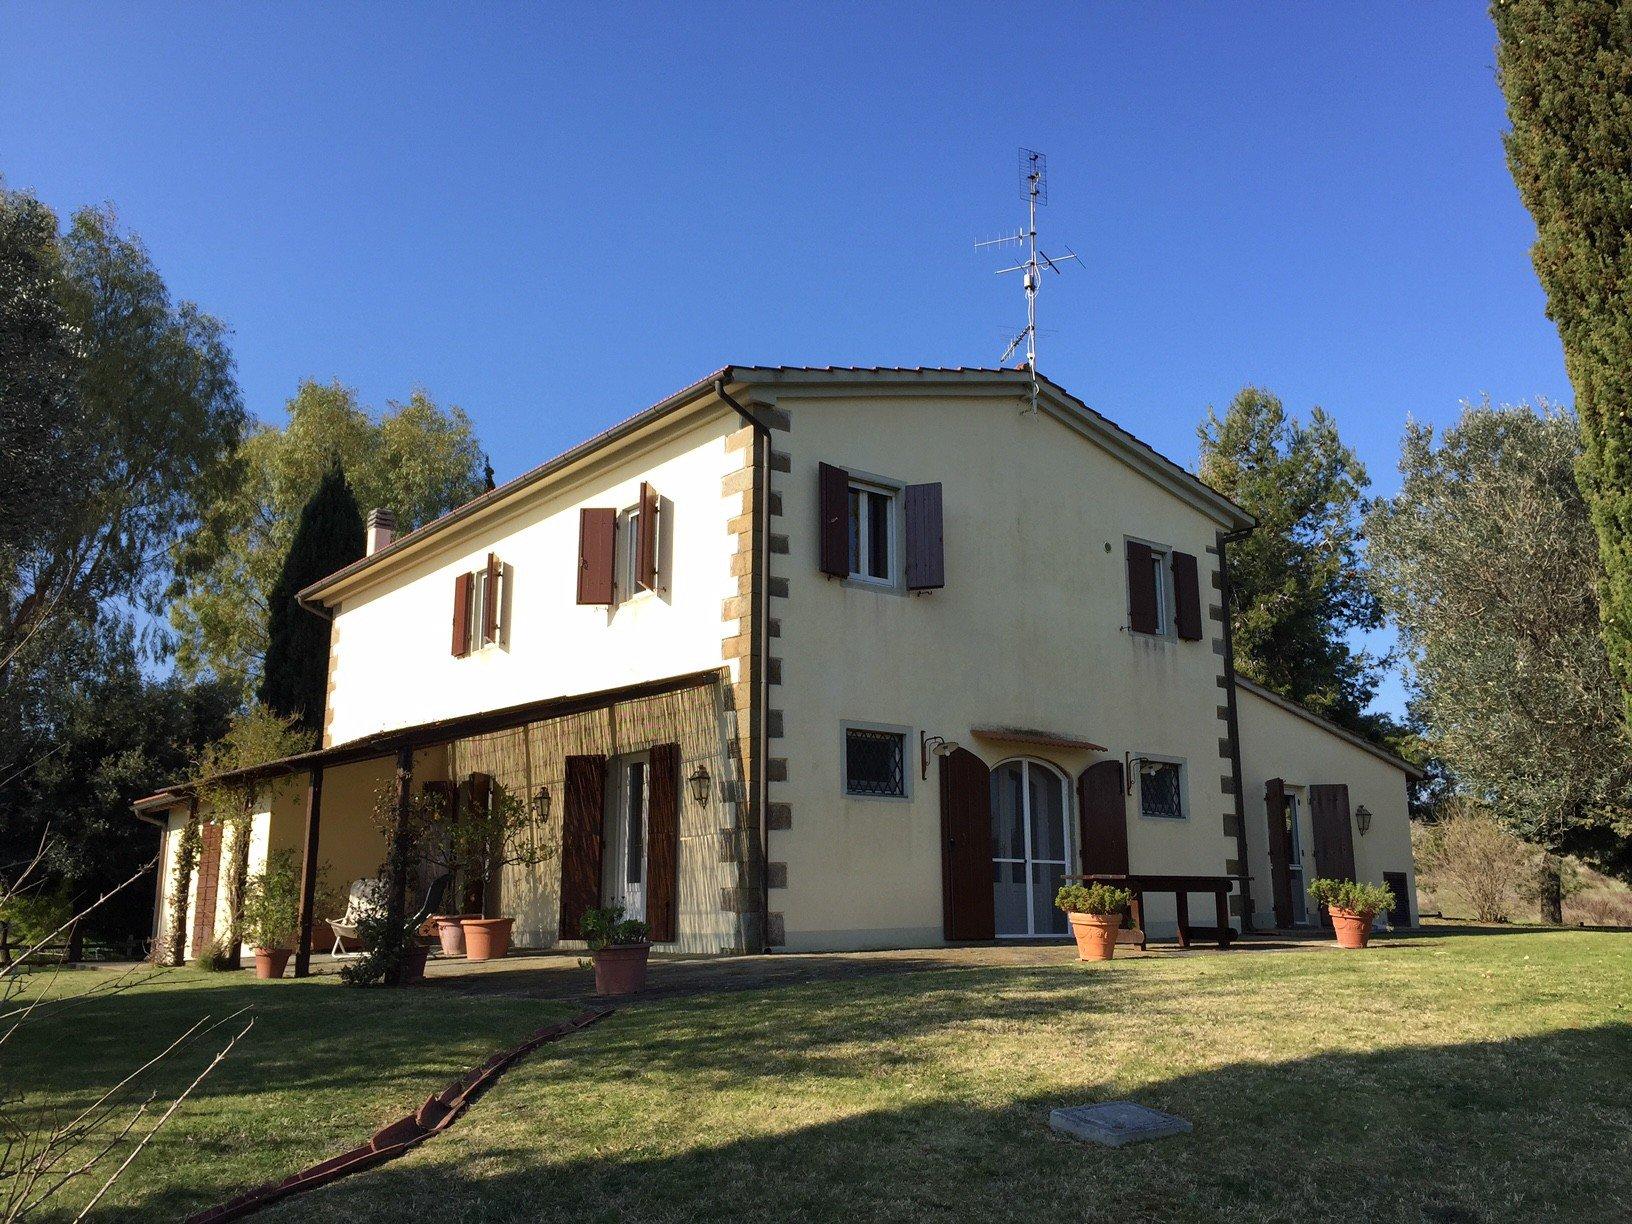 Una villa di due piani di color beige vista dall'esterno